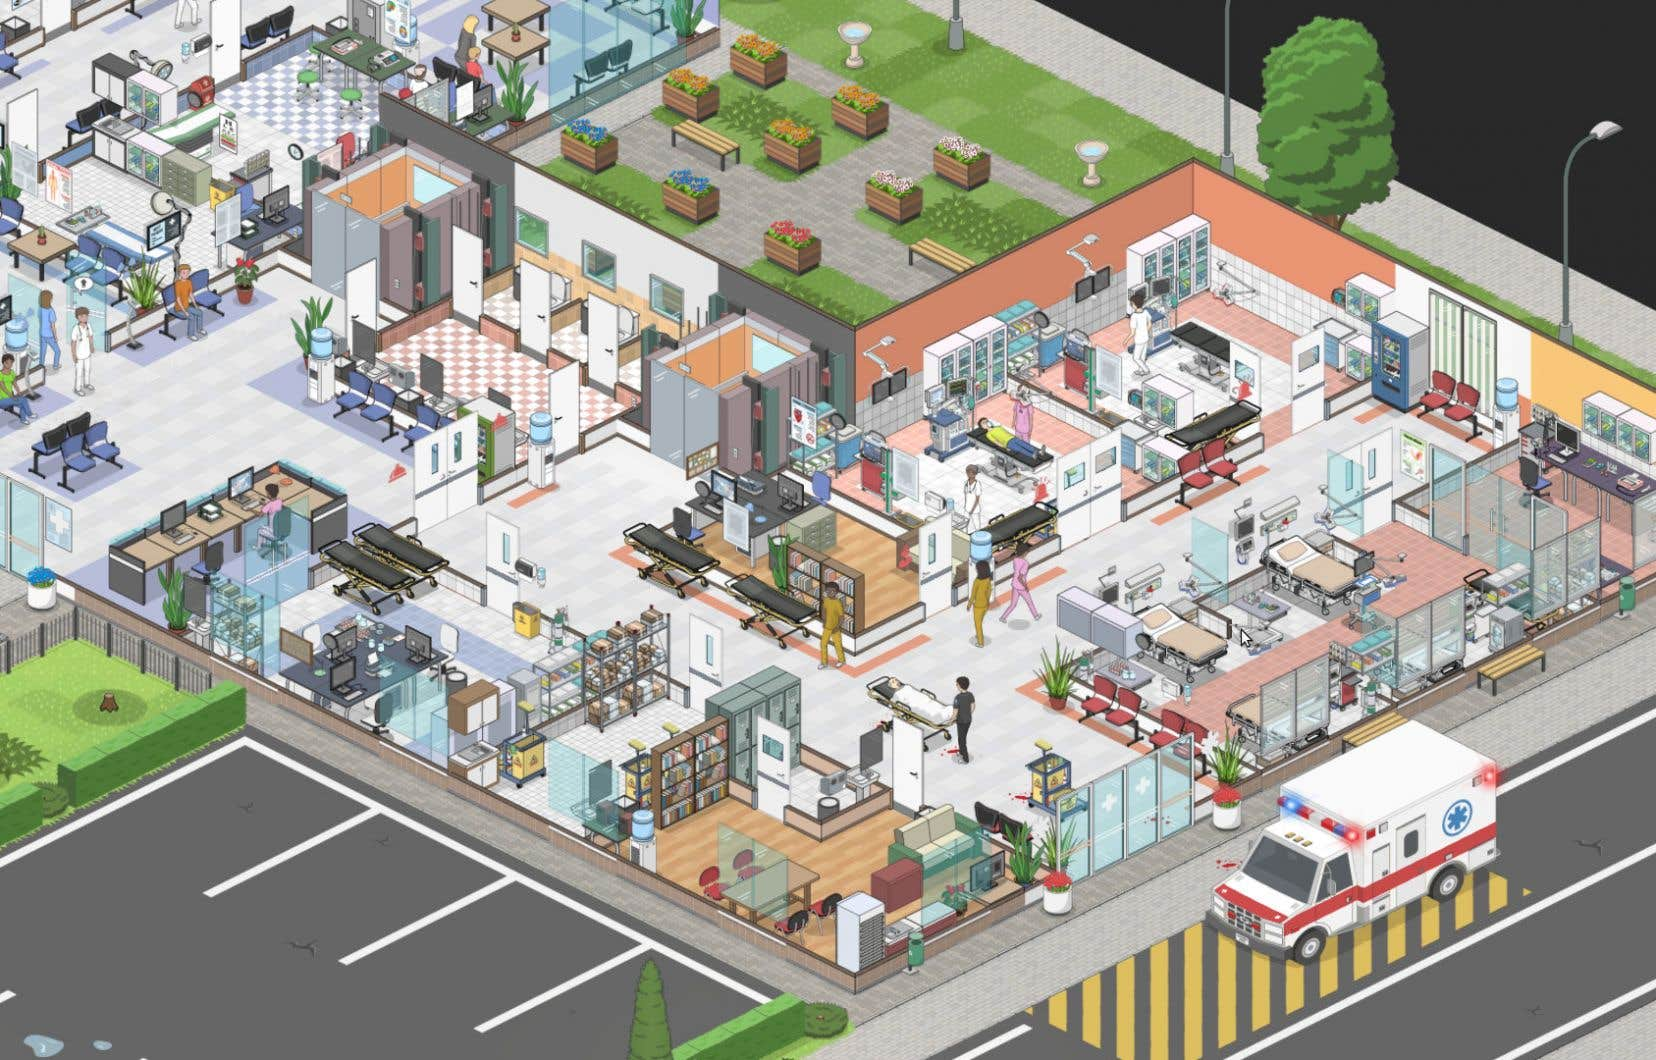 Le joueur est responsable d'un large éventail de départements, dans lesquels seront traitées des dizaines de maladies basées sur des affections du monde réel, suivant un processus de diagnostic détaillé.